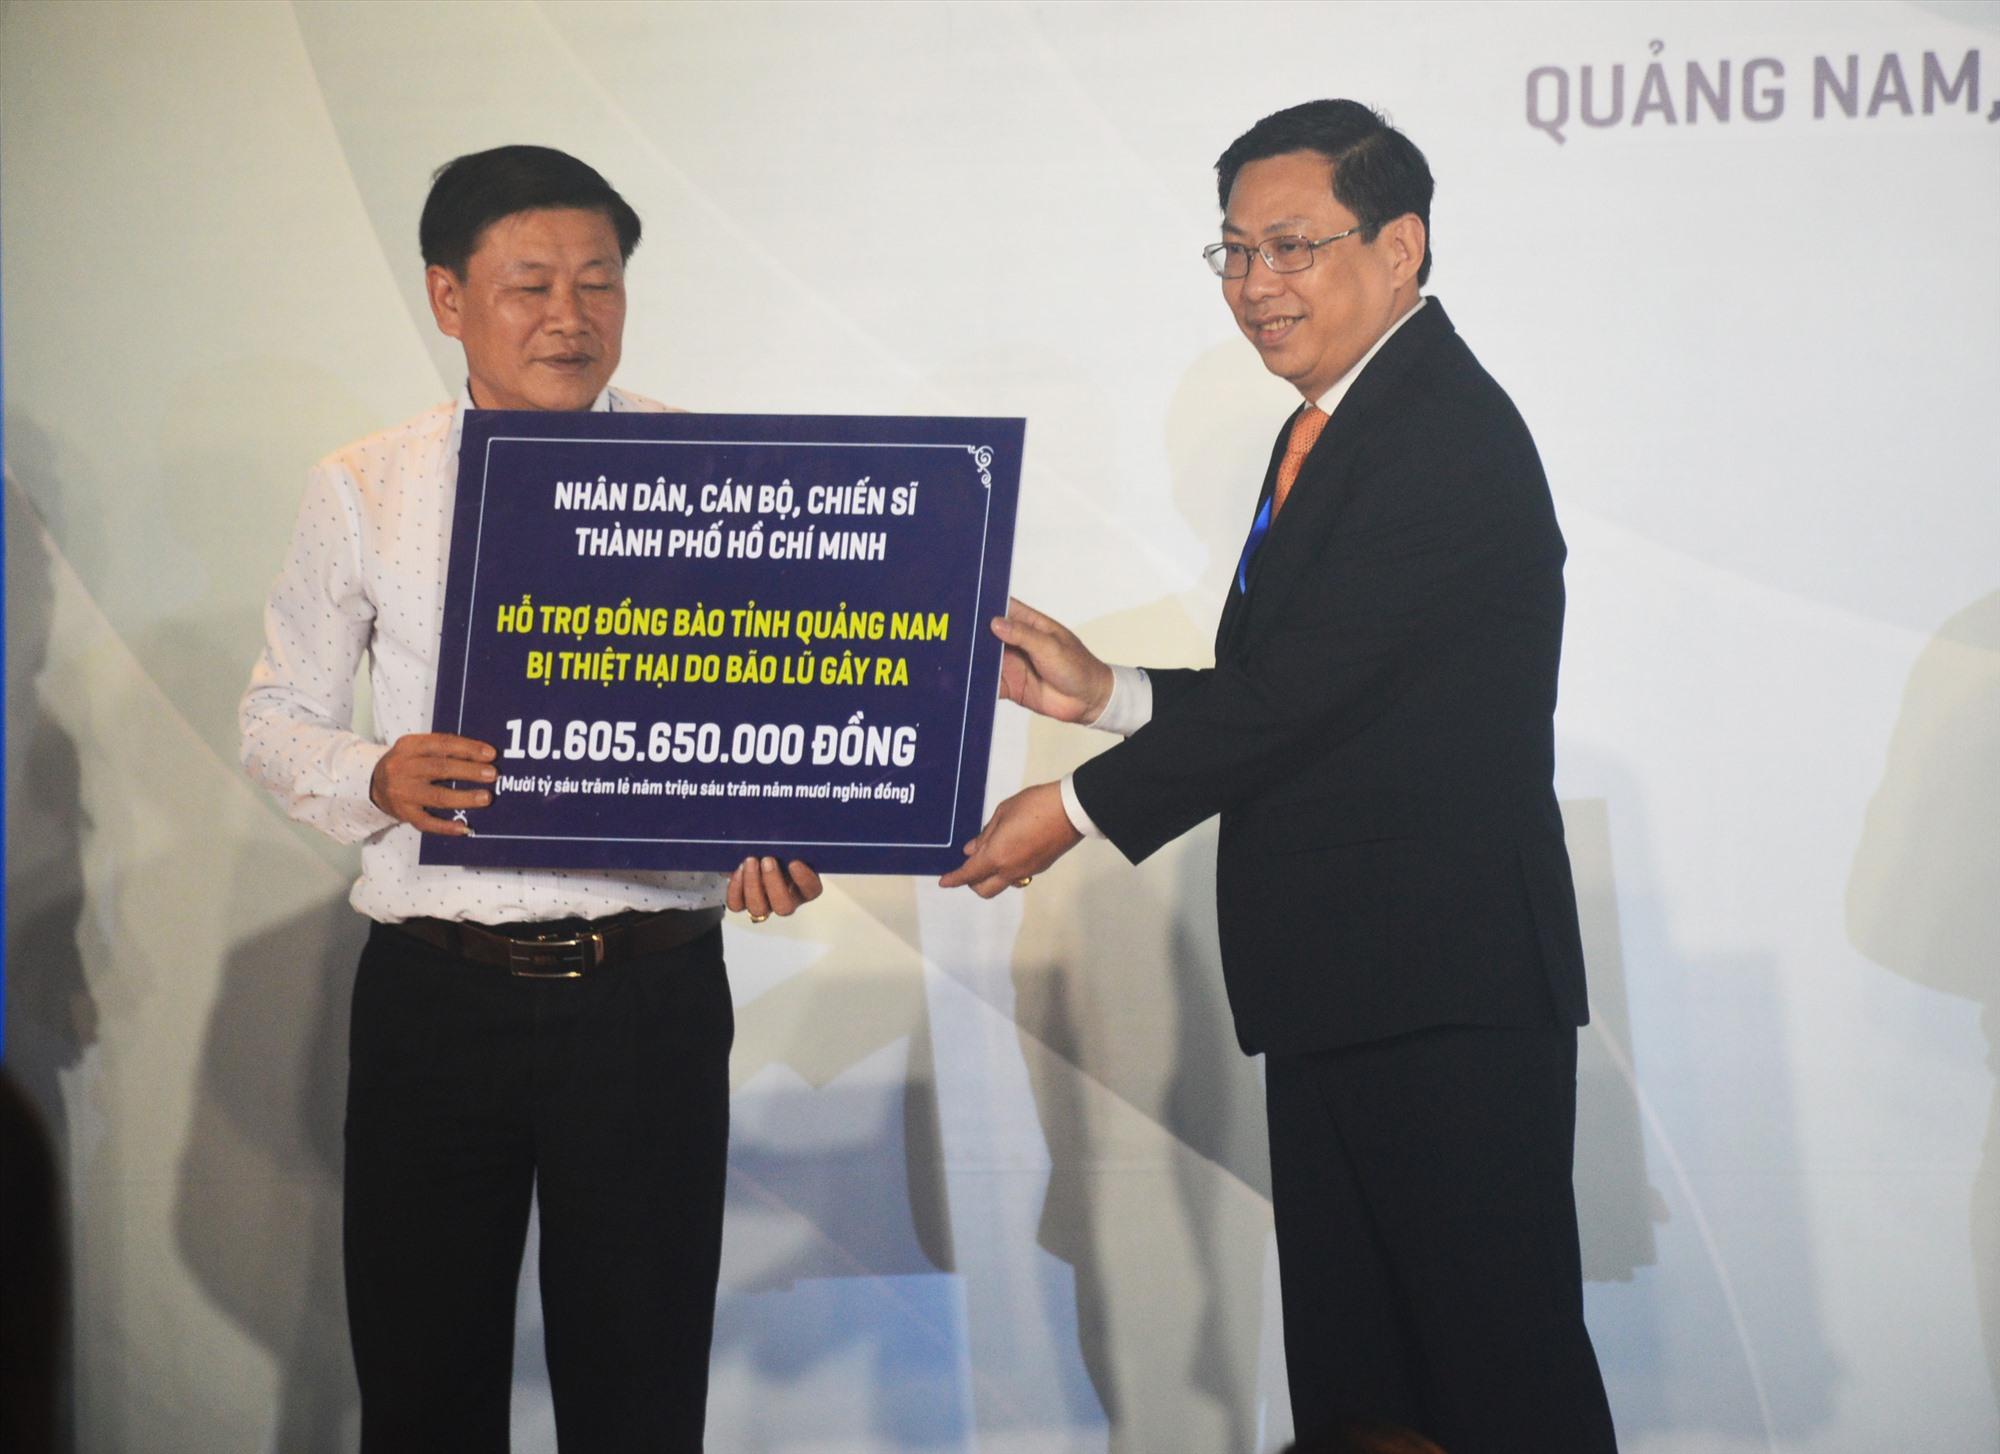 Đại diện lãnh đạo TP.Hồ Chí Minh trao biển tượng trưng số tiền hơn 10,6 tỷ đồng ủng hộ đồng bào Quảng Nam. Ảnh: T.L